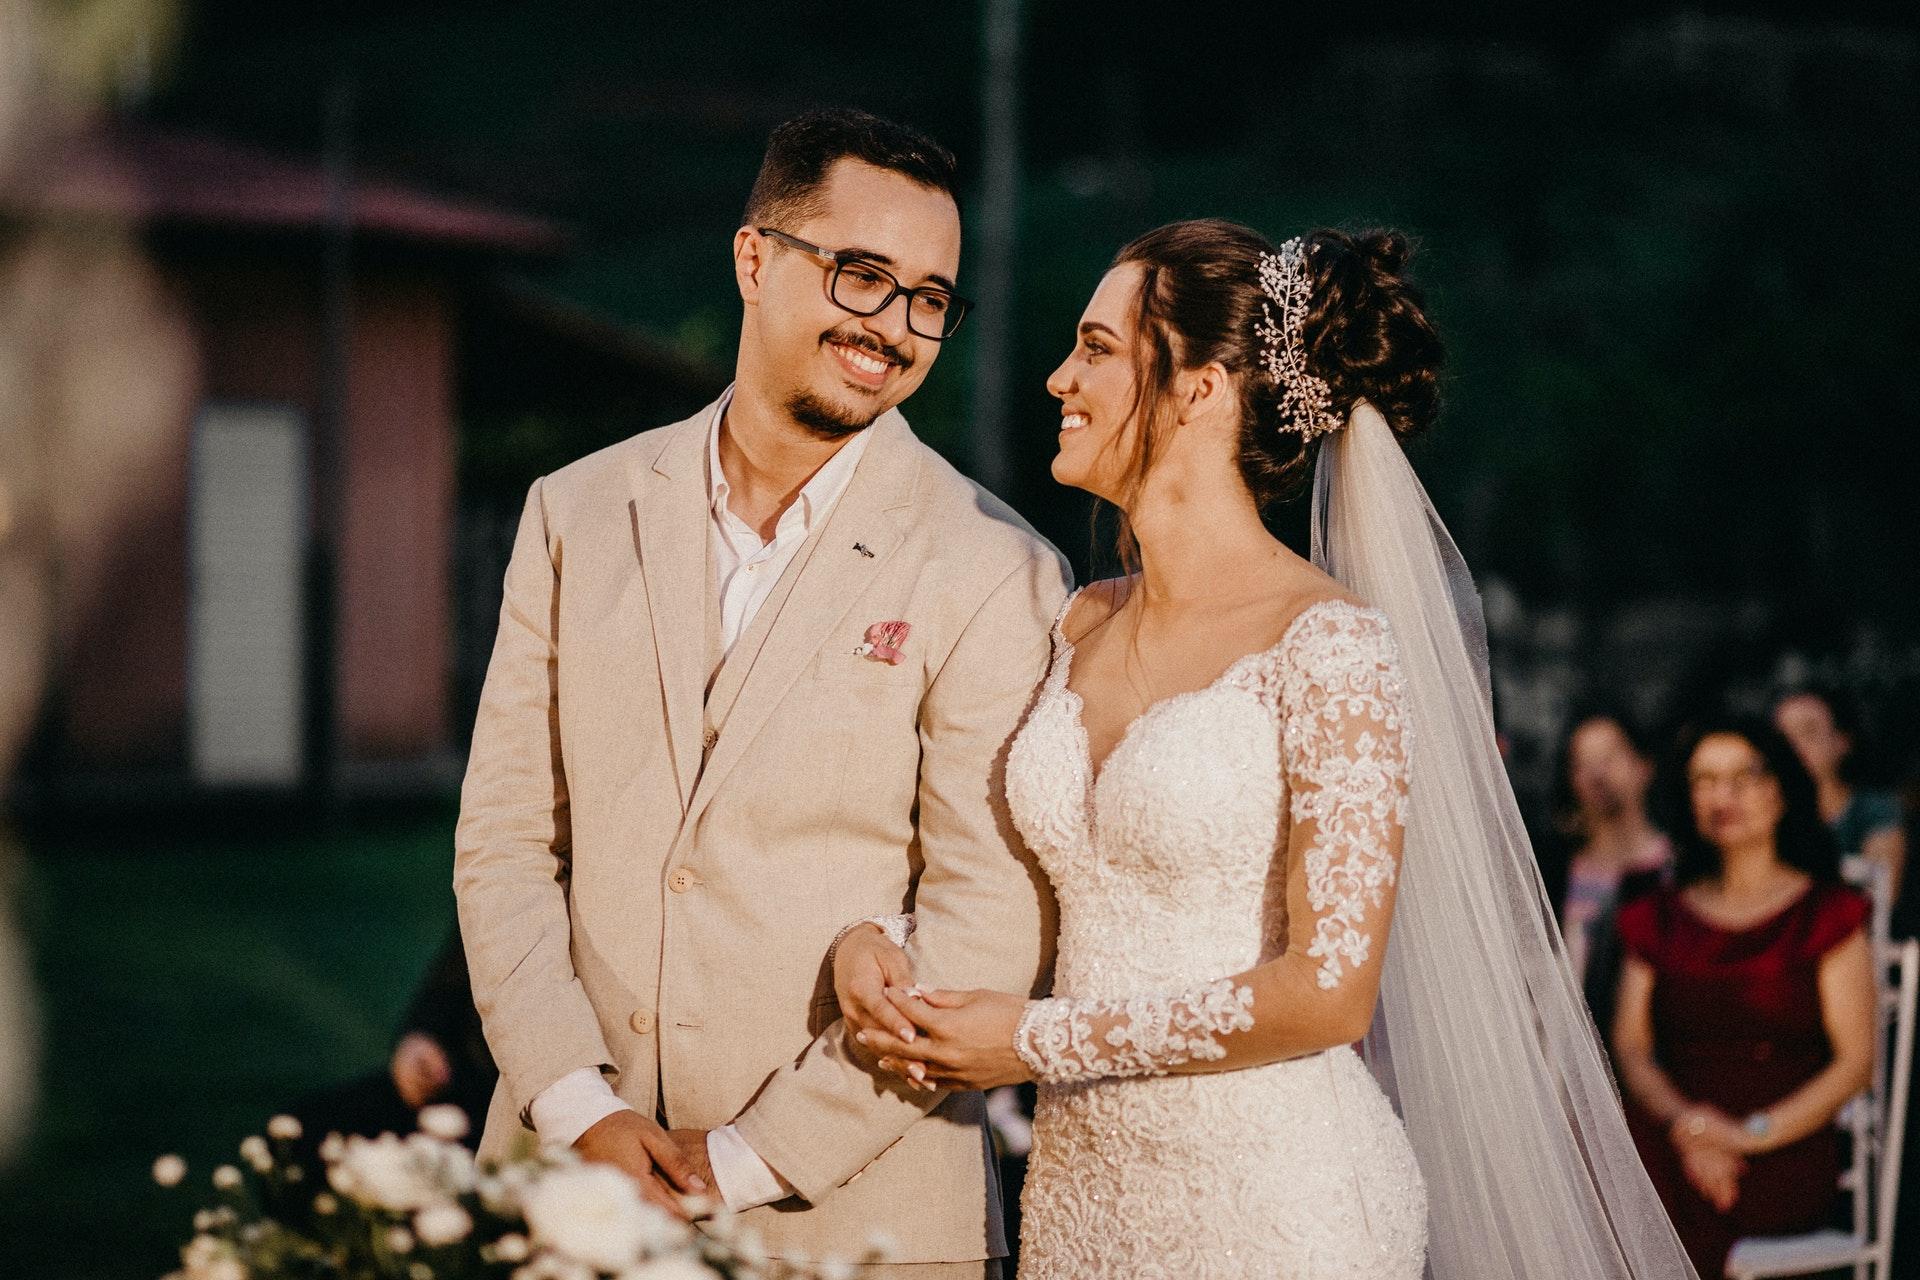 Que dit la Bible sur le Mariage au Ciel? Néanmoins, Jésus répond à leur question dans Luc 20:27-38. Essentiellement, il dit non, nous ne restons pas mariés à ceux que nous avons épousés sur terre.